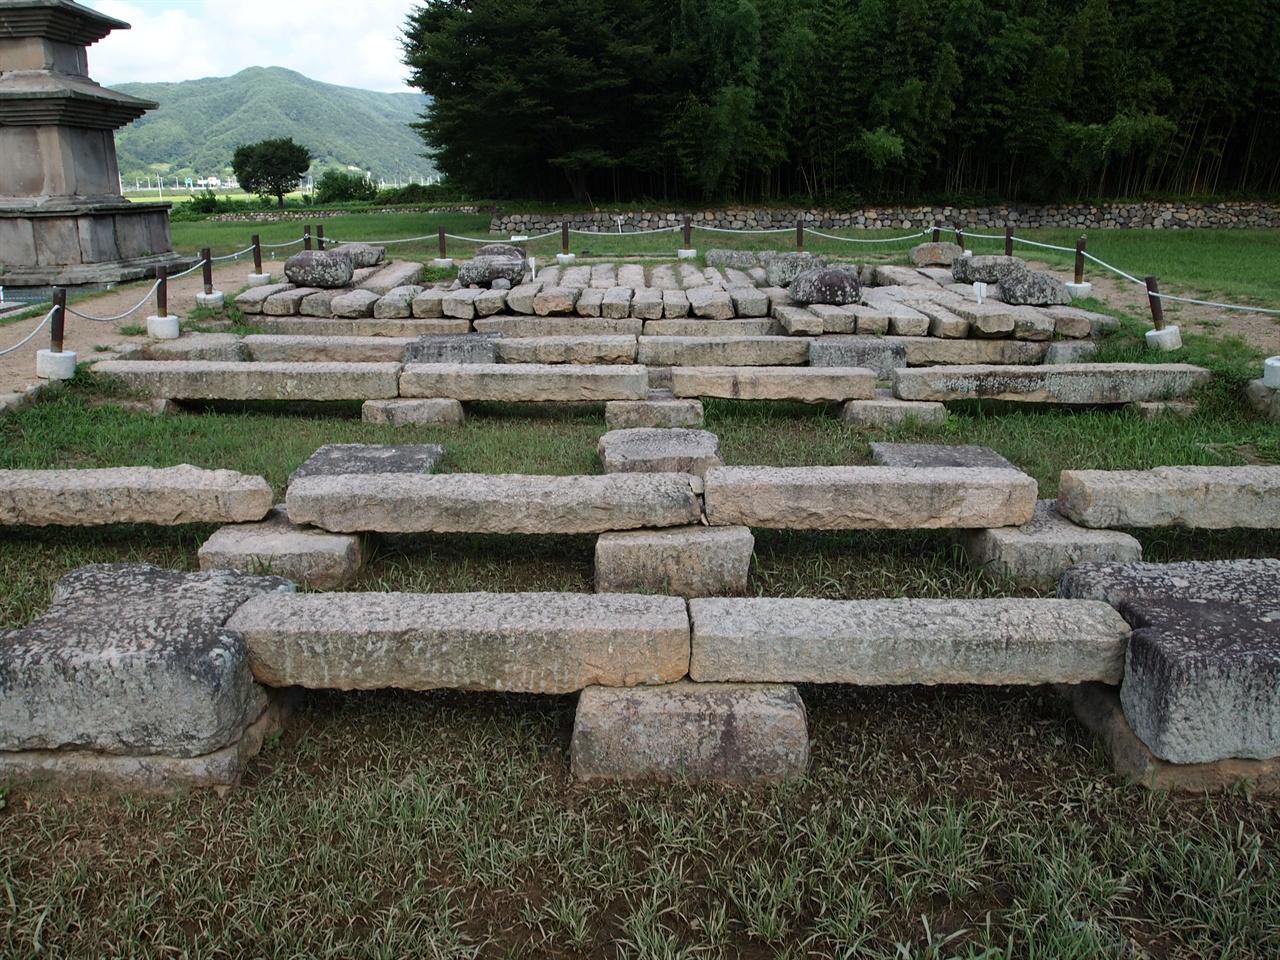 감은사지 감은사지 금당지의 모습, 호국의 용이 된 문무왕이 머물 수 있는 구조로 조성되었다.